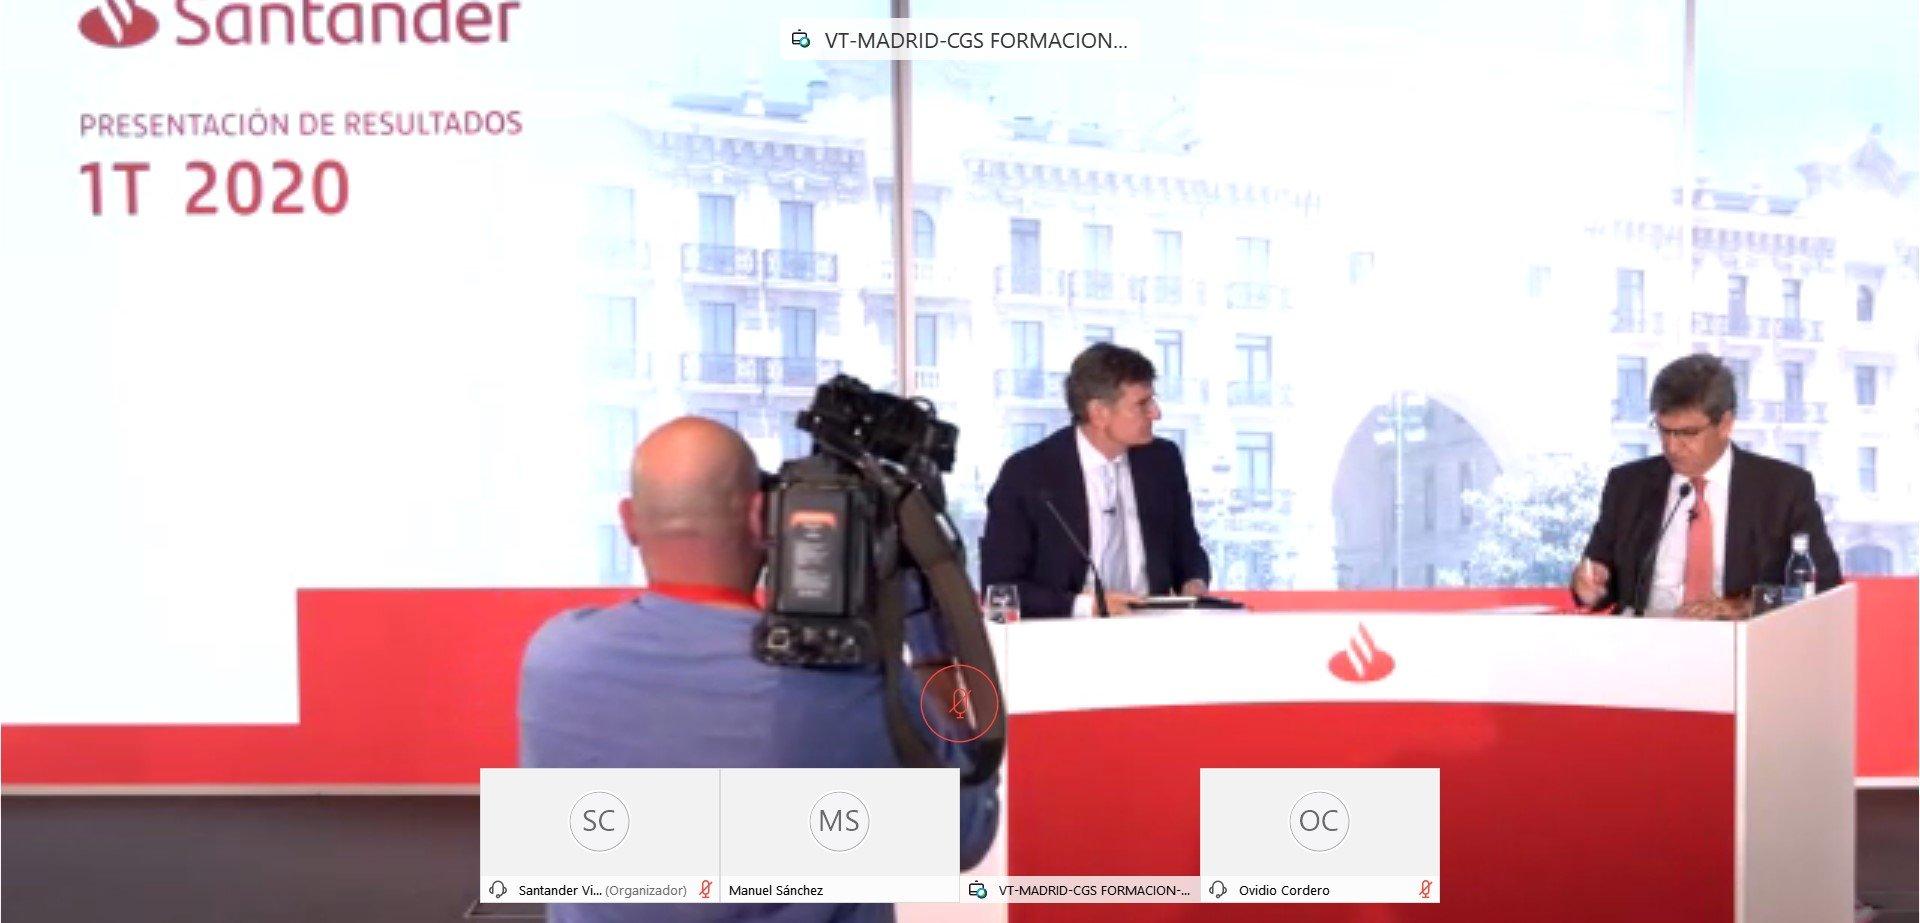 Rueda de prensa telemática de Banco Santander para presentar los resultados hasta marzo